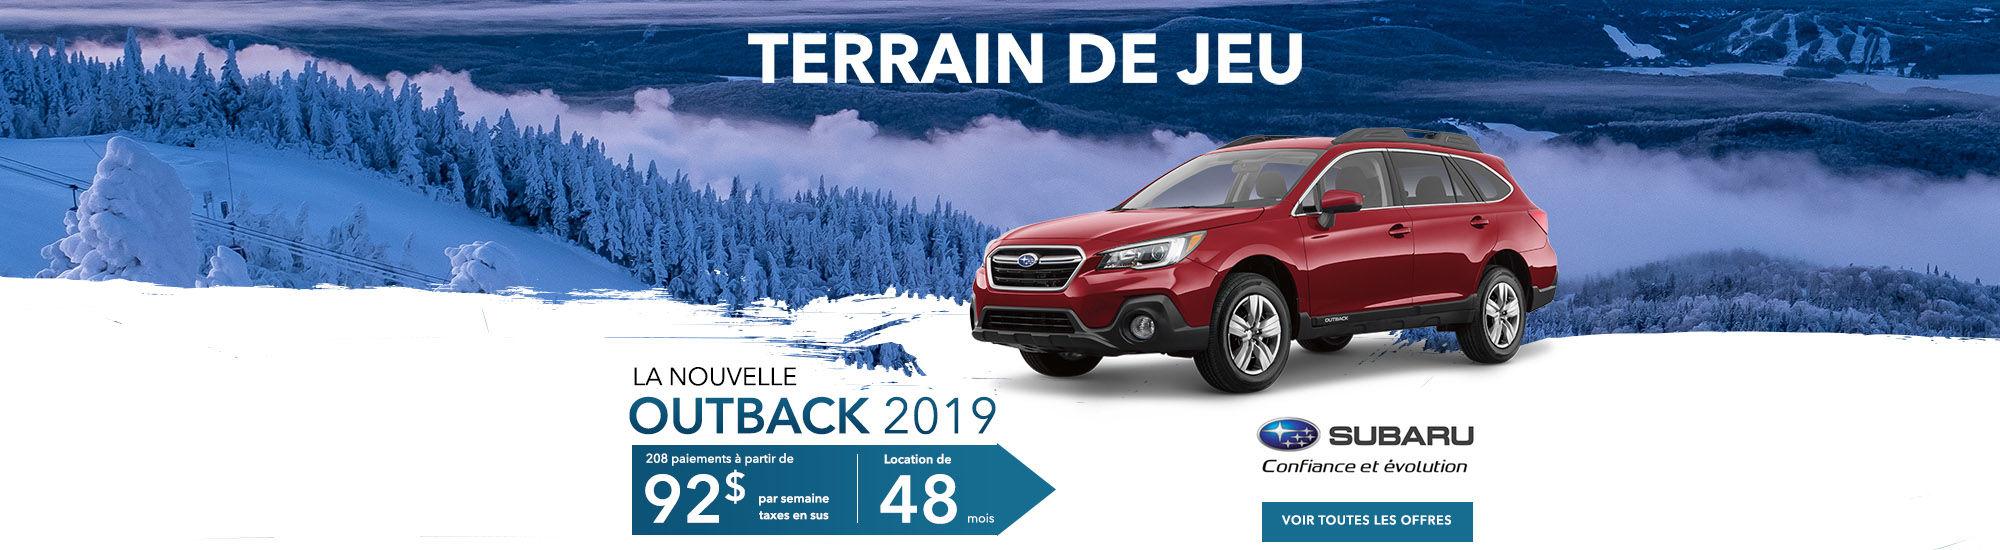 Subaru outback 2019 Terrain de jeu